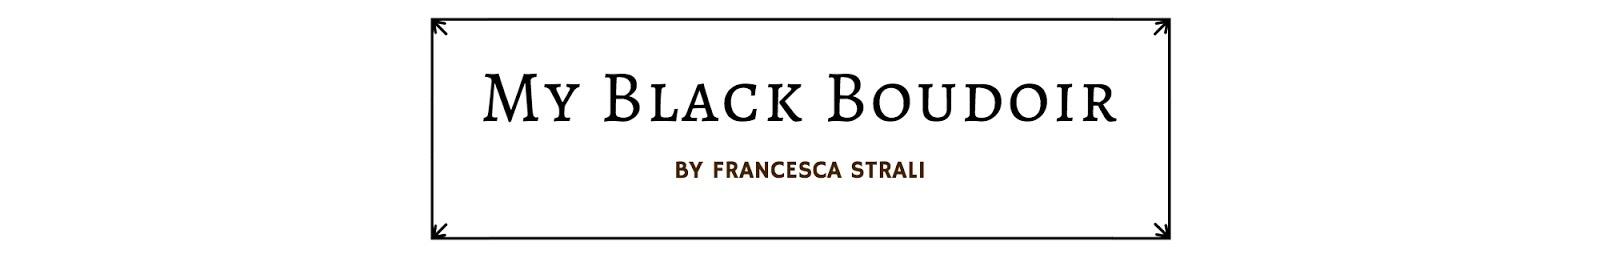 My Black Boudoir